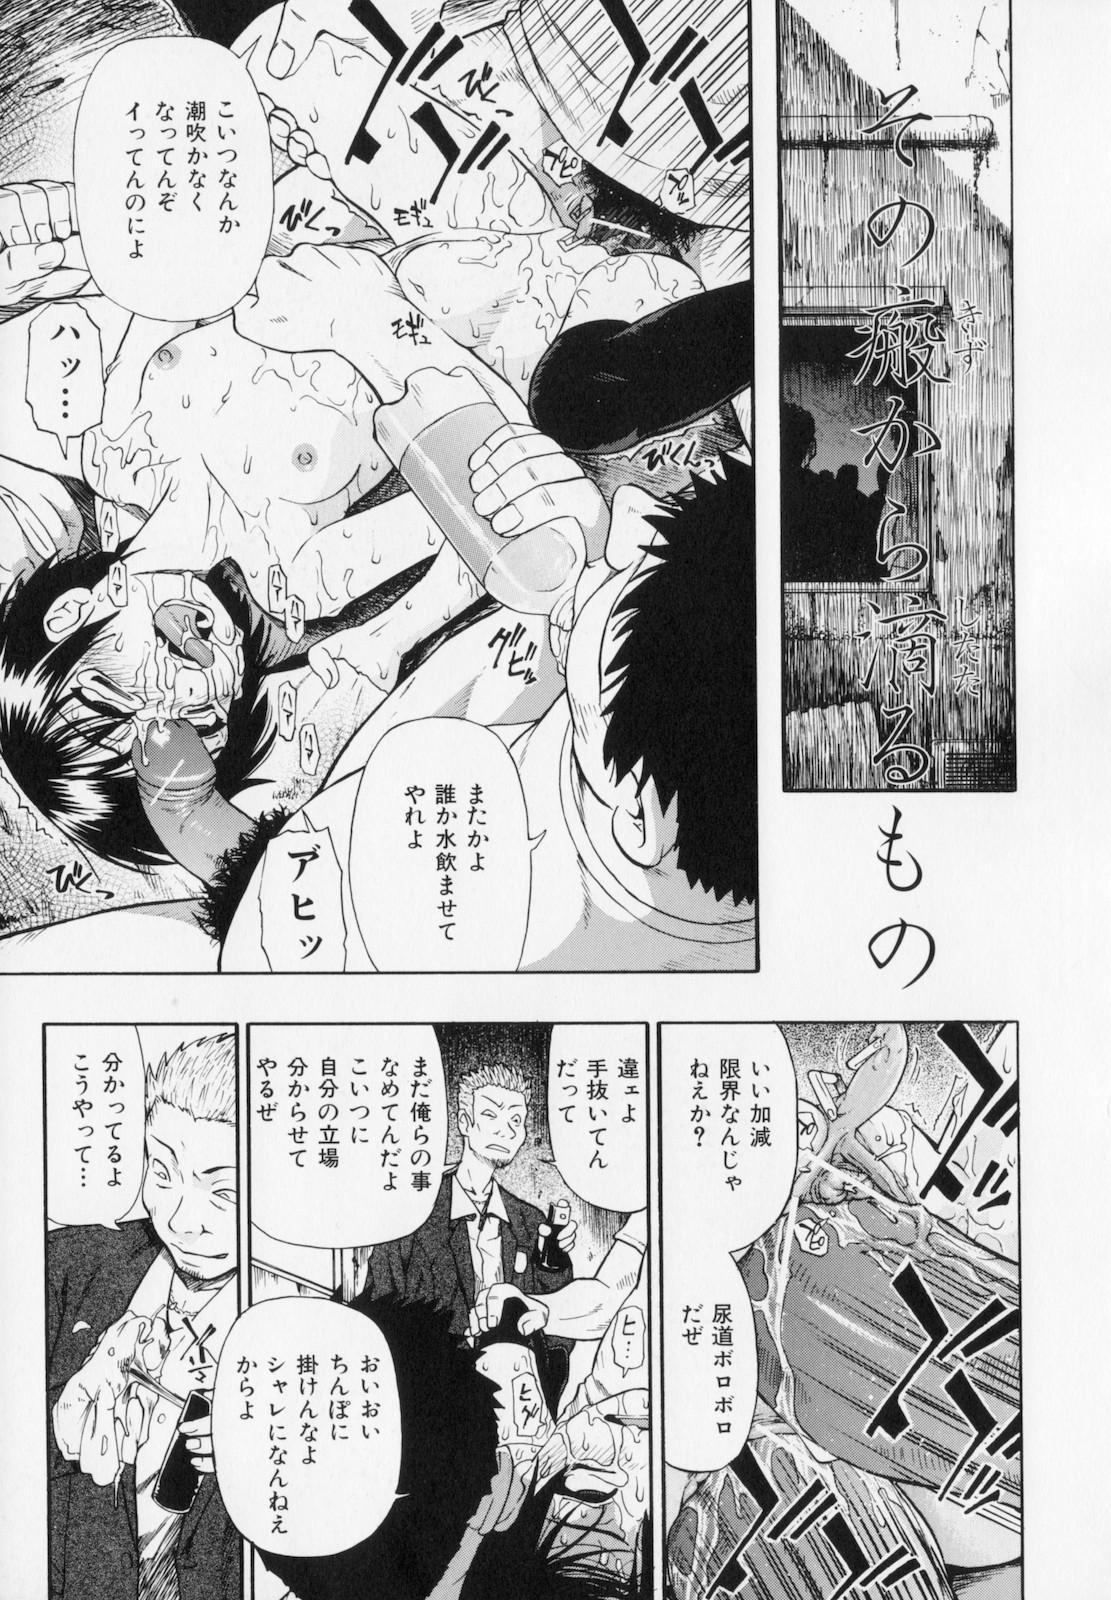 Hitodenashi no Utage - Veranstaltungsräume von Brute 104